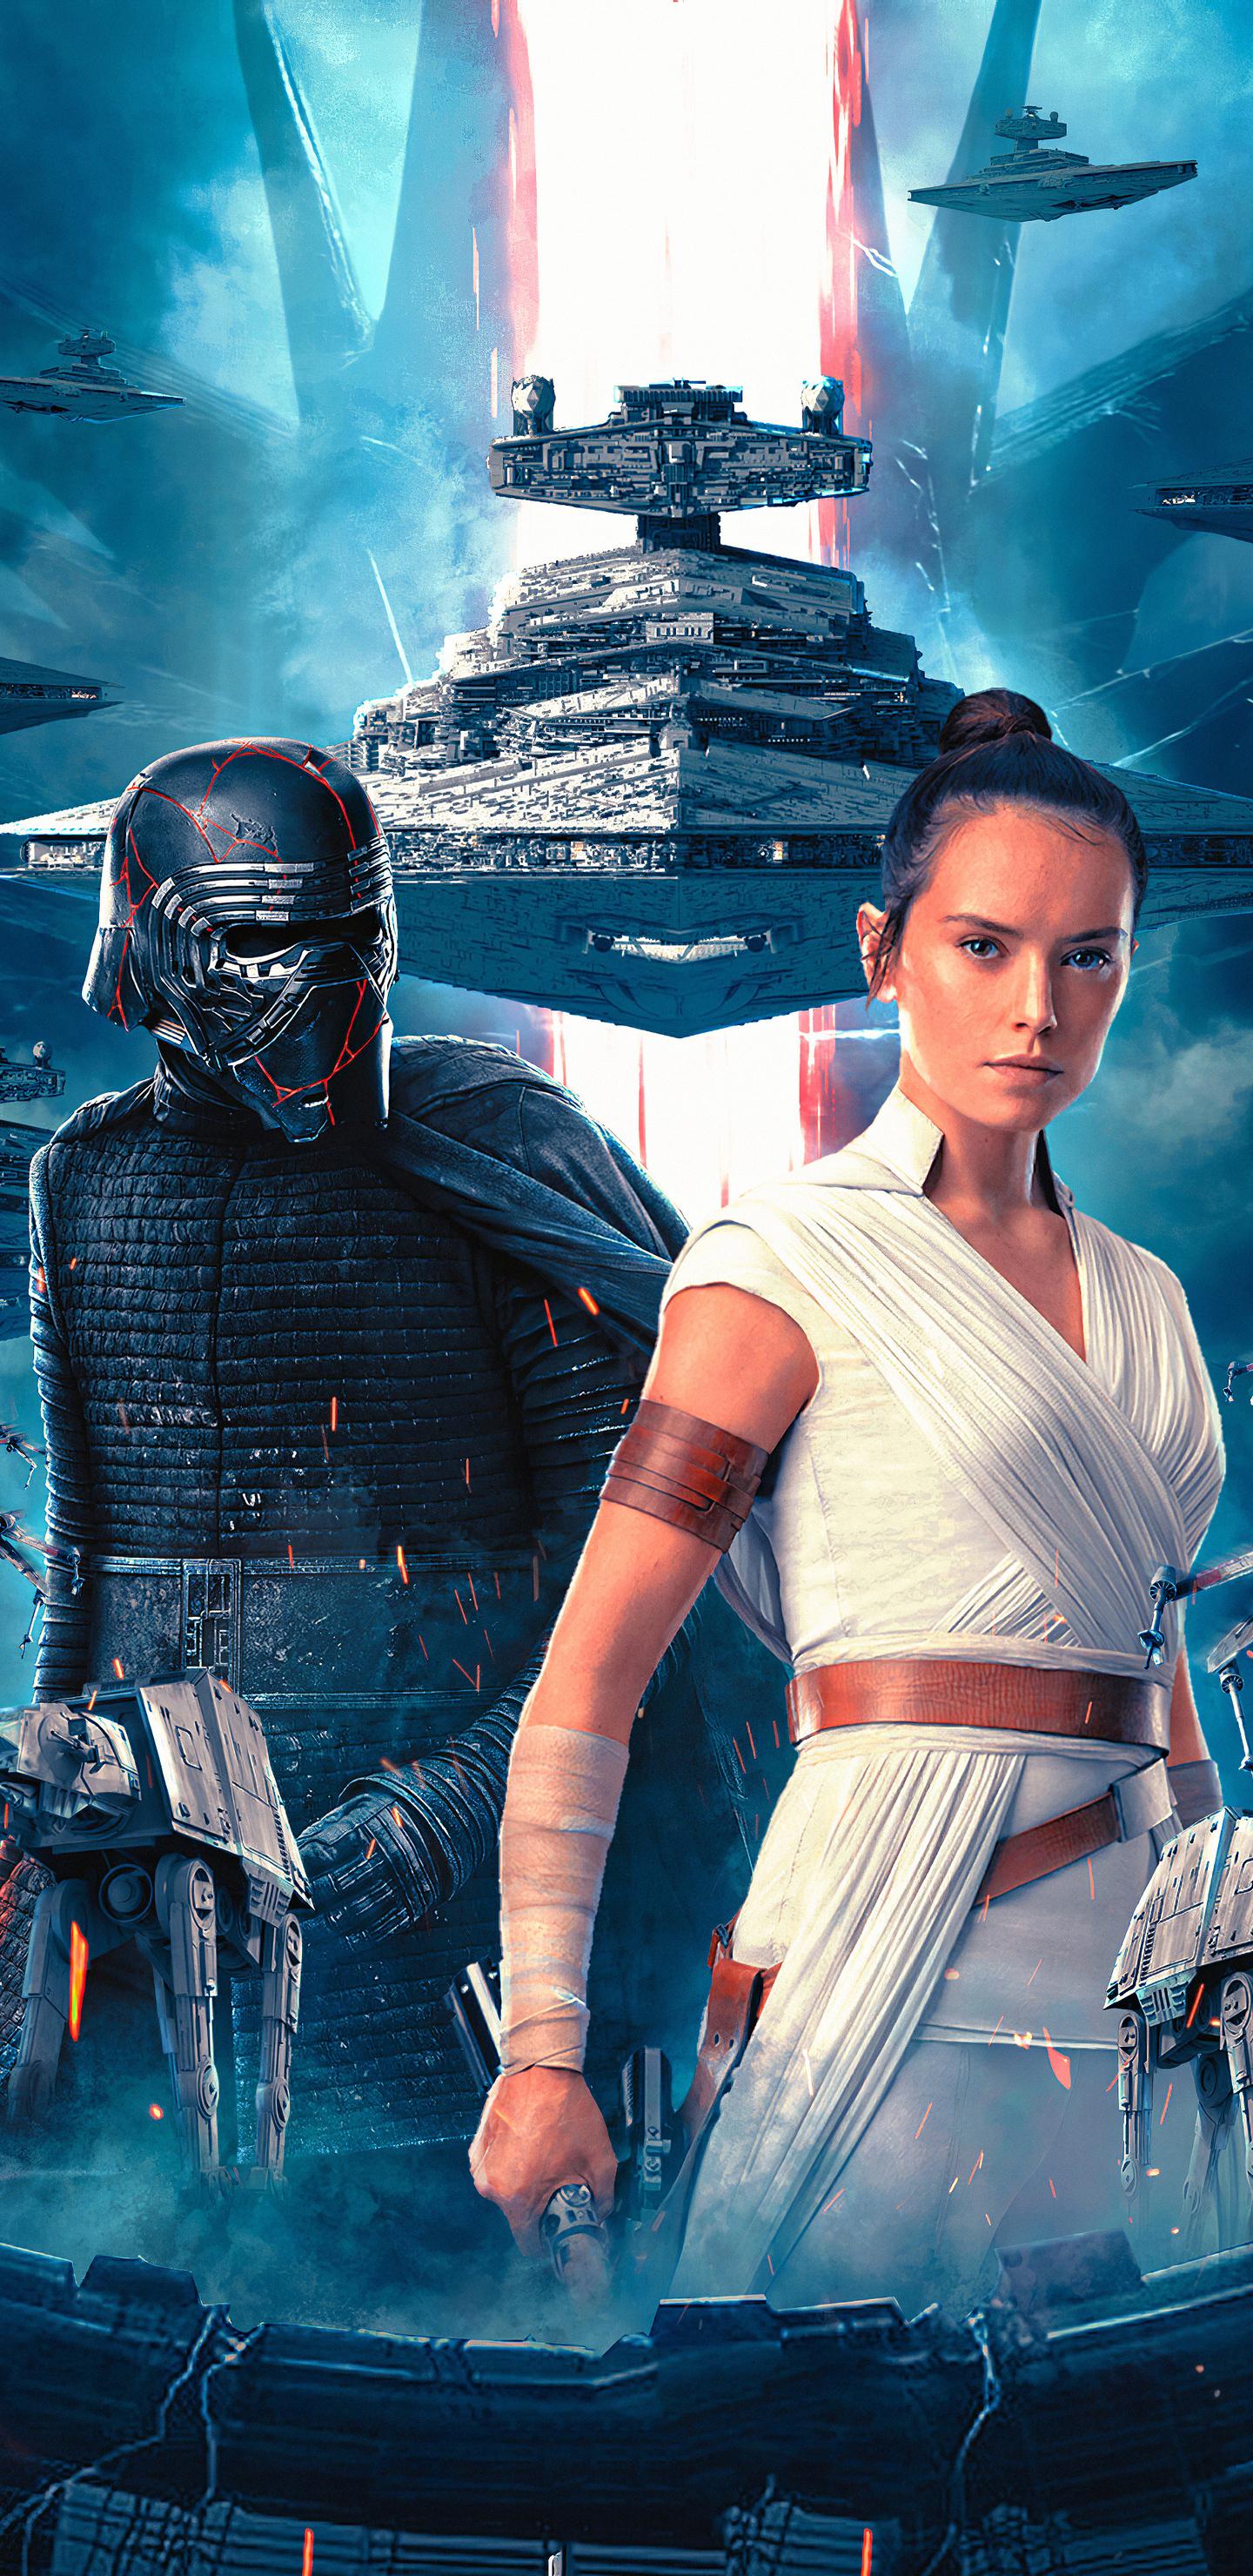 star-wars-the-rise-of-skywalker-poster4k-8k.jpg